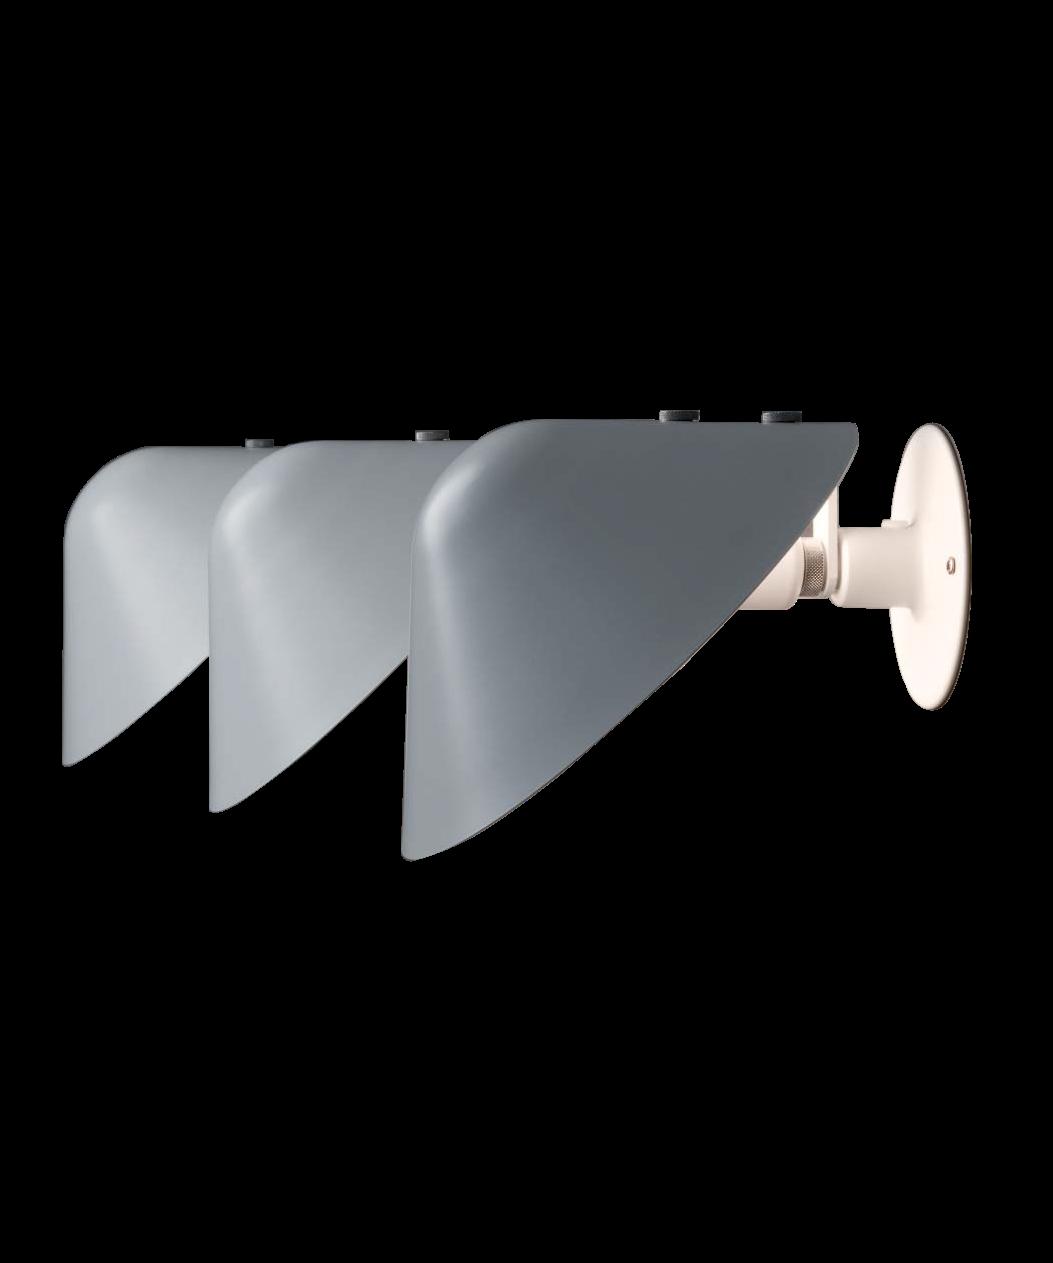 DesignJørgen Gammelgaard for Pandul Koncept Mini Vip Væglampe V025 er en smuk lampe designet af Jørgen Gammelgaard for Pandul. Her har du en lampe med mange gøremål og funktioner, da du kan vippe lyset op eller ned, alt efter dit behov. Placer flere lamper på række i en lang gang, op langs en trappeopgang, eller brug en enkelt ved lænestolen eller som sengelampe. Med Vip får du en utrolig fleksibel lampe som giver et blødt, dejligt og diffust lys ud i rummet. Der er en kontakt på fatningen og ledningsføringen kan valgfrit køres indvendigt mod væg eller udvendigt til stikkontakt. OBS - Lamperne fra Pandul produceres og samles i Danmark, med afsendelse fra fabrikken én gang om ugen. Derfor vil der kunne opleves leveringstider op til 4-8 dage ved lagerudsving.